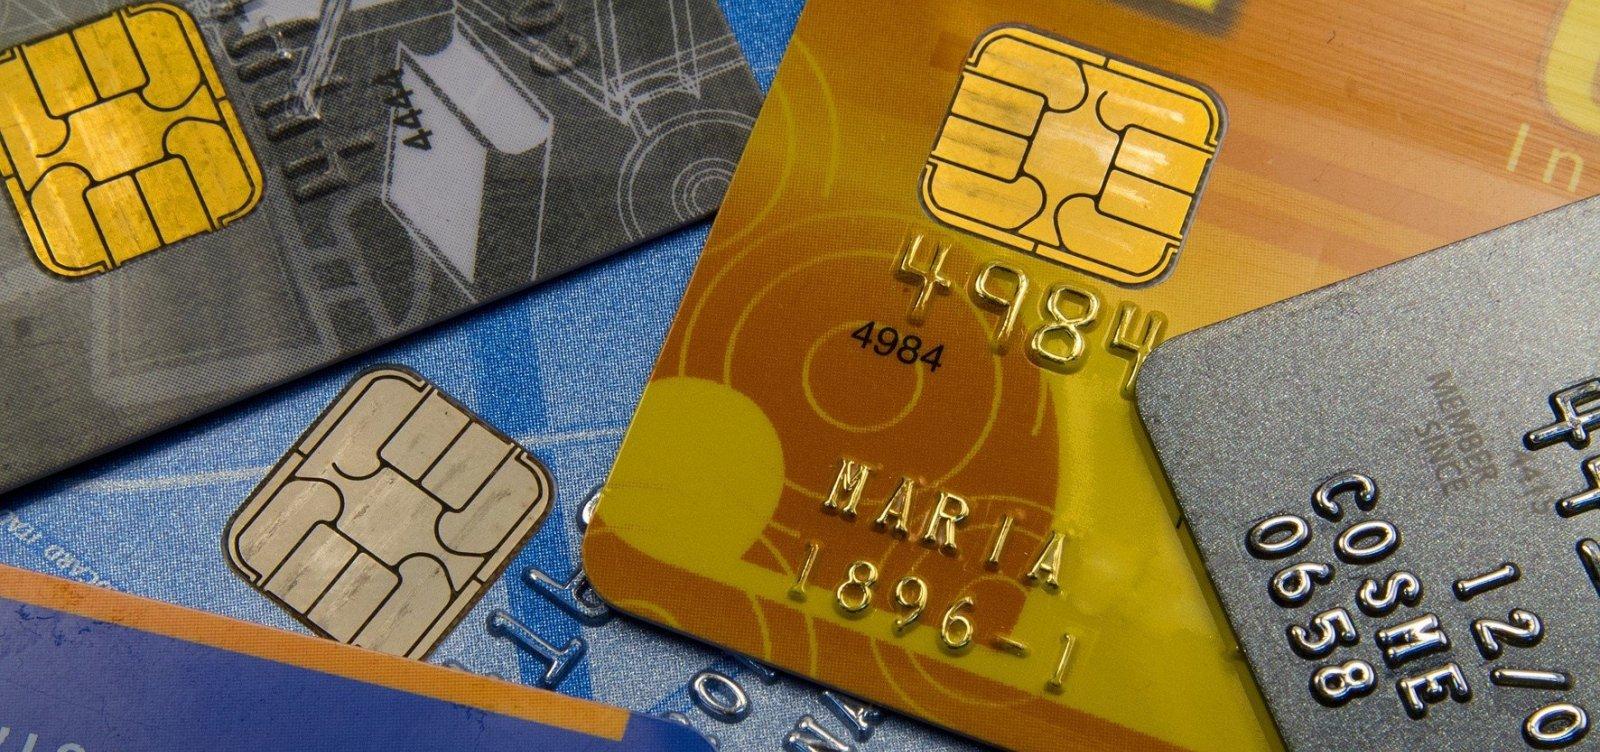 [De cada 4 usuários de cartão, 1 entrou no crédito rotativo, diz pesquisa]